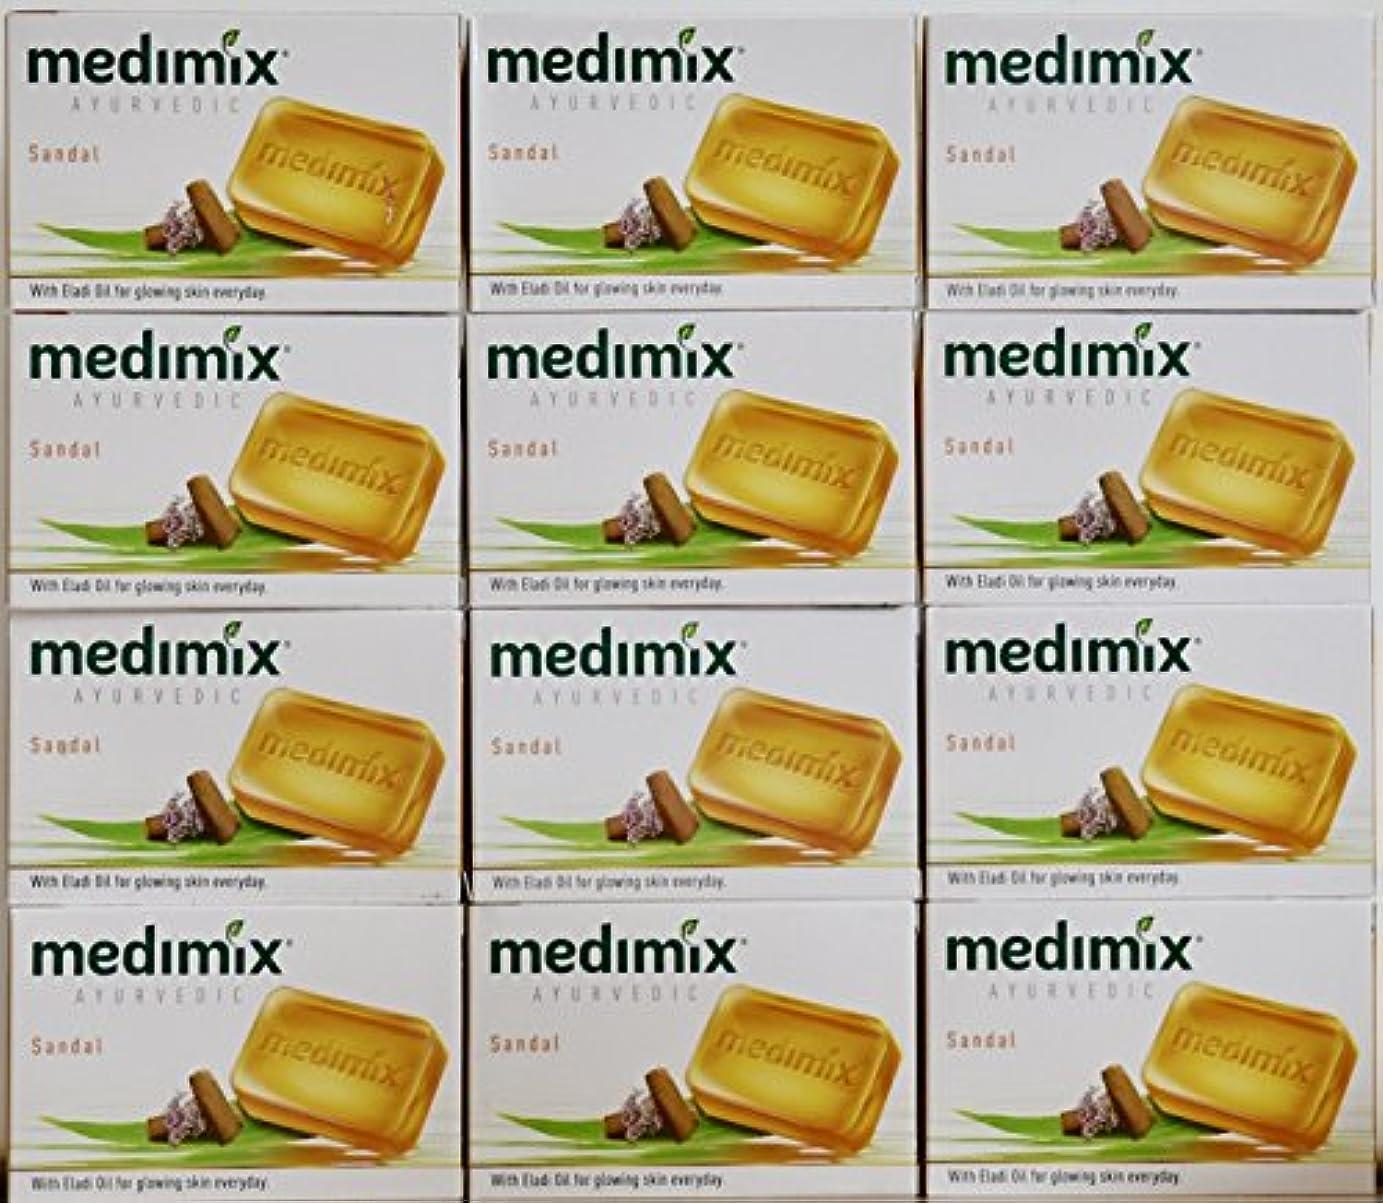 増幅器使役旅行代理店medimix メディミックス アーユルヴェディックサンダル 石鹸(旧商品名クラシックオレンジ))125g 12個入り